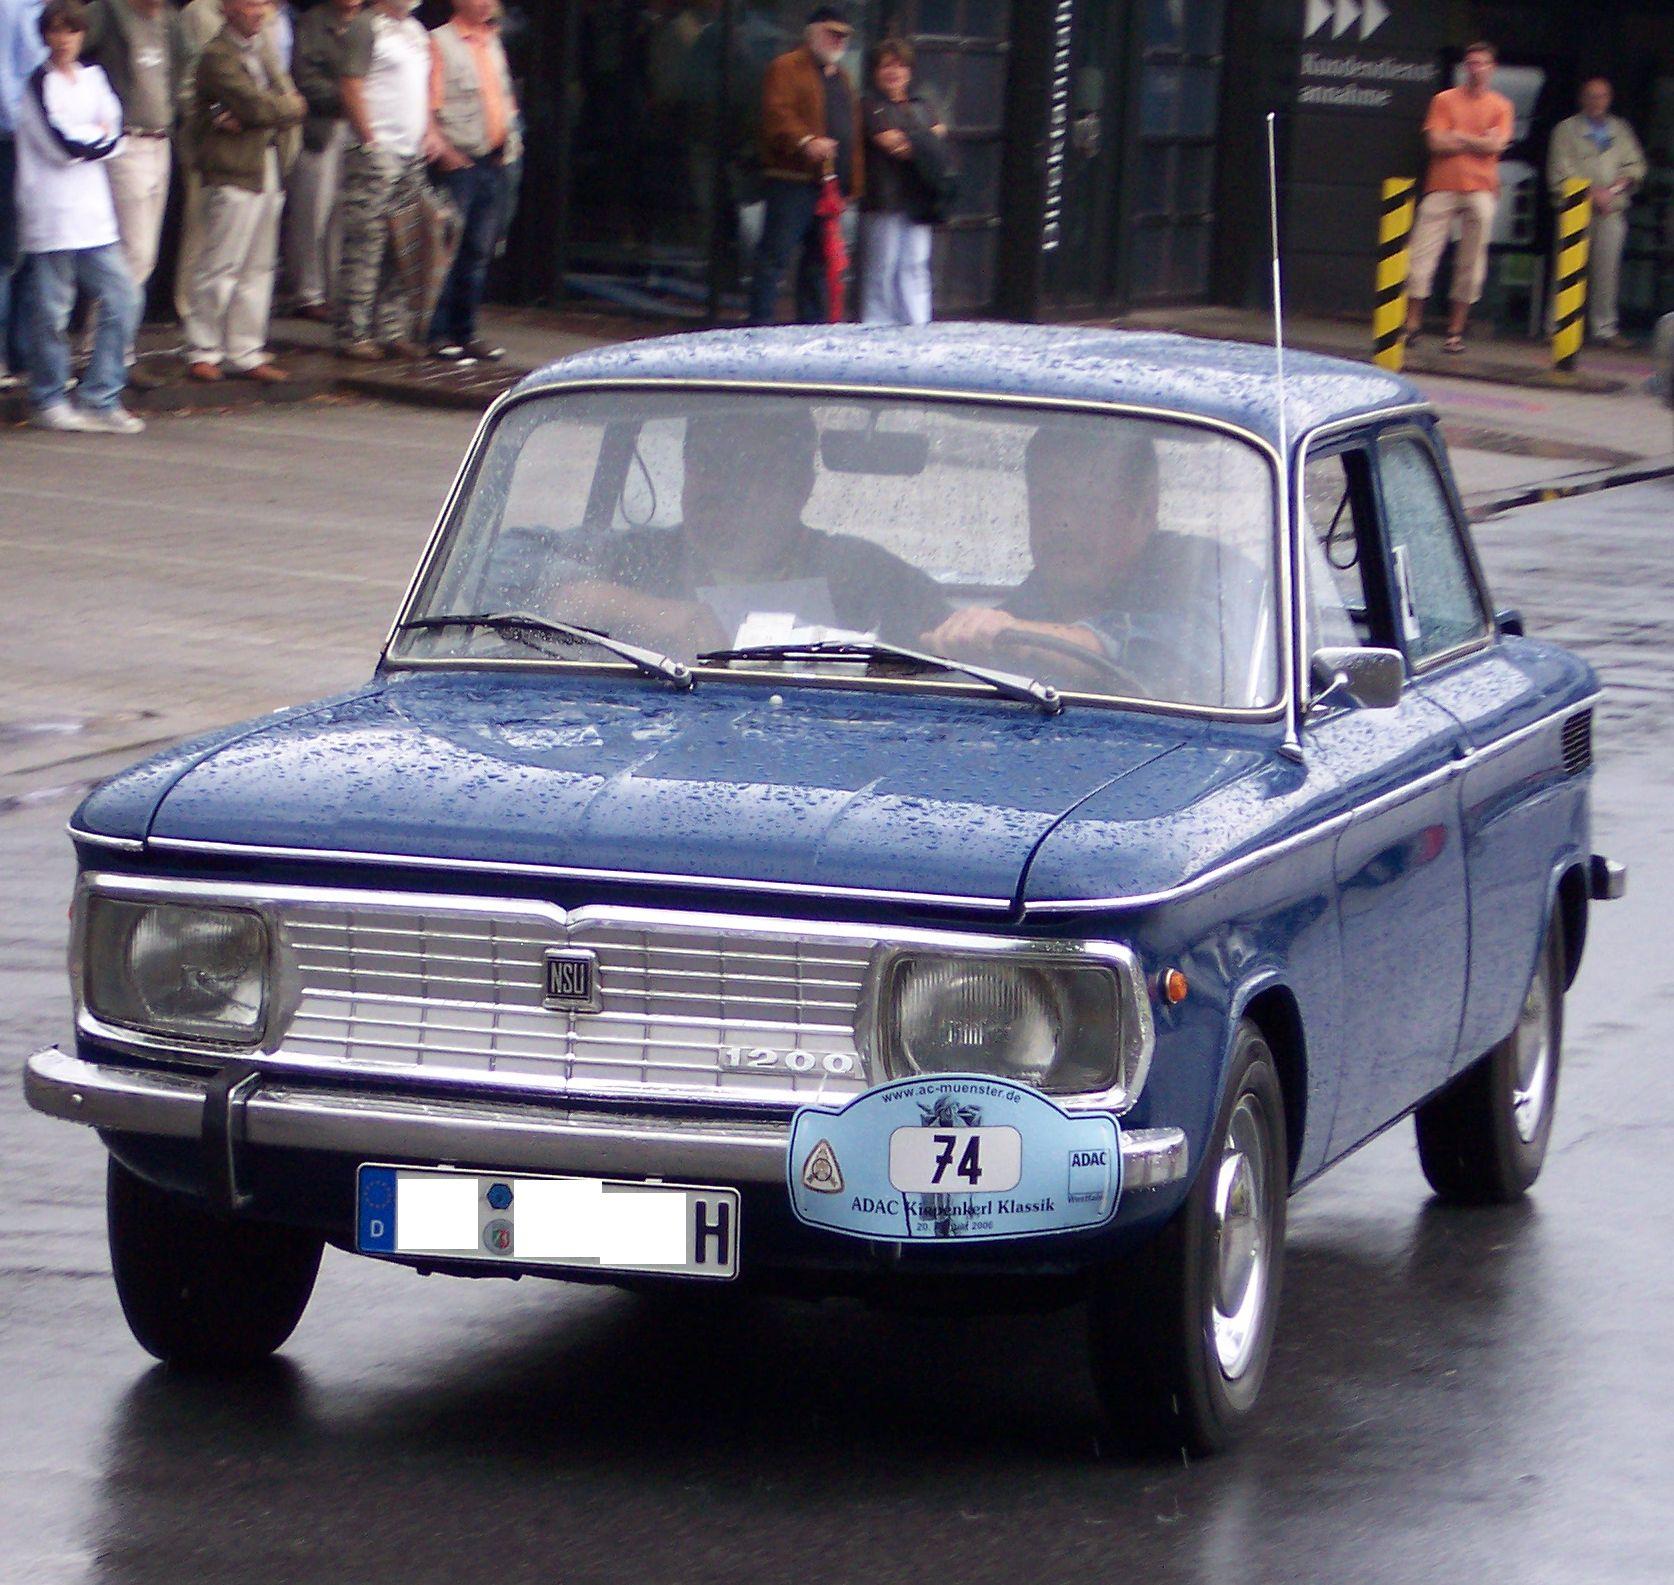 NSU 1200